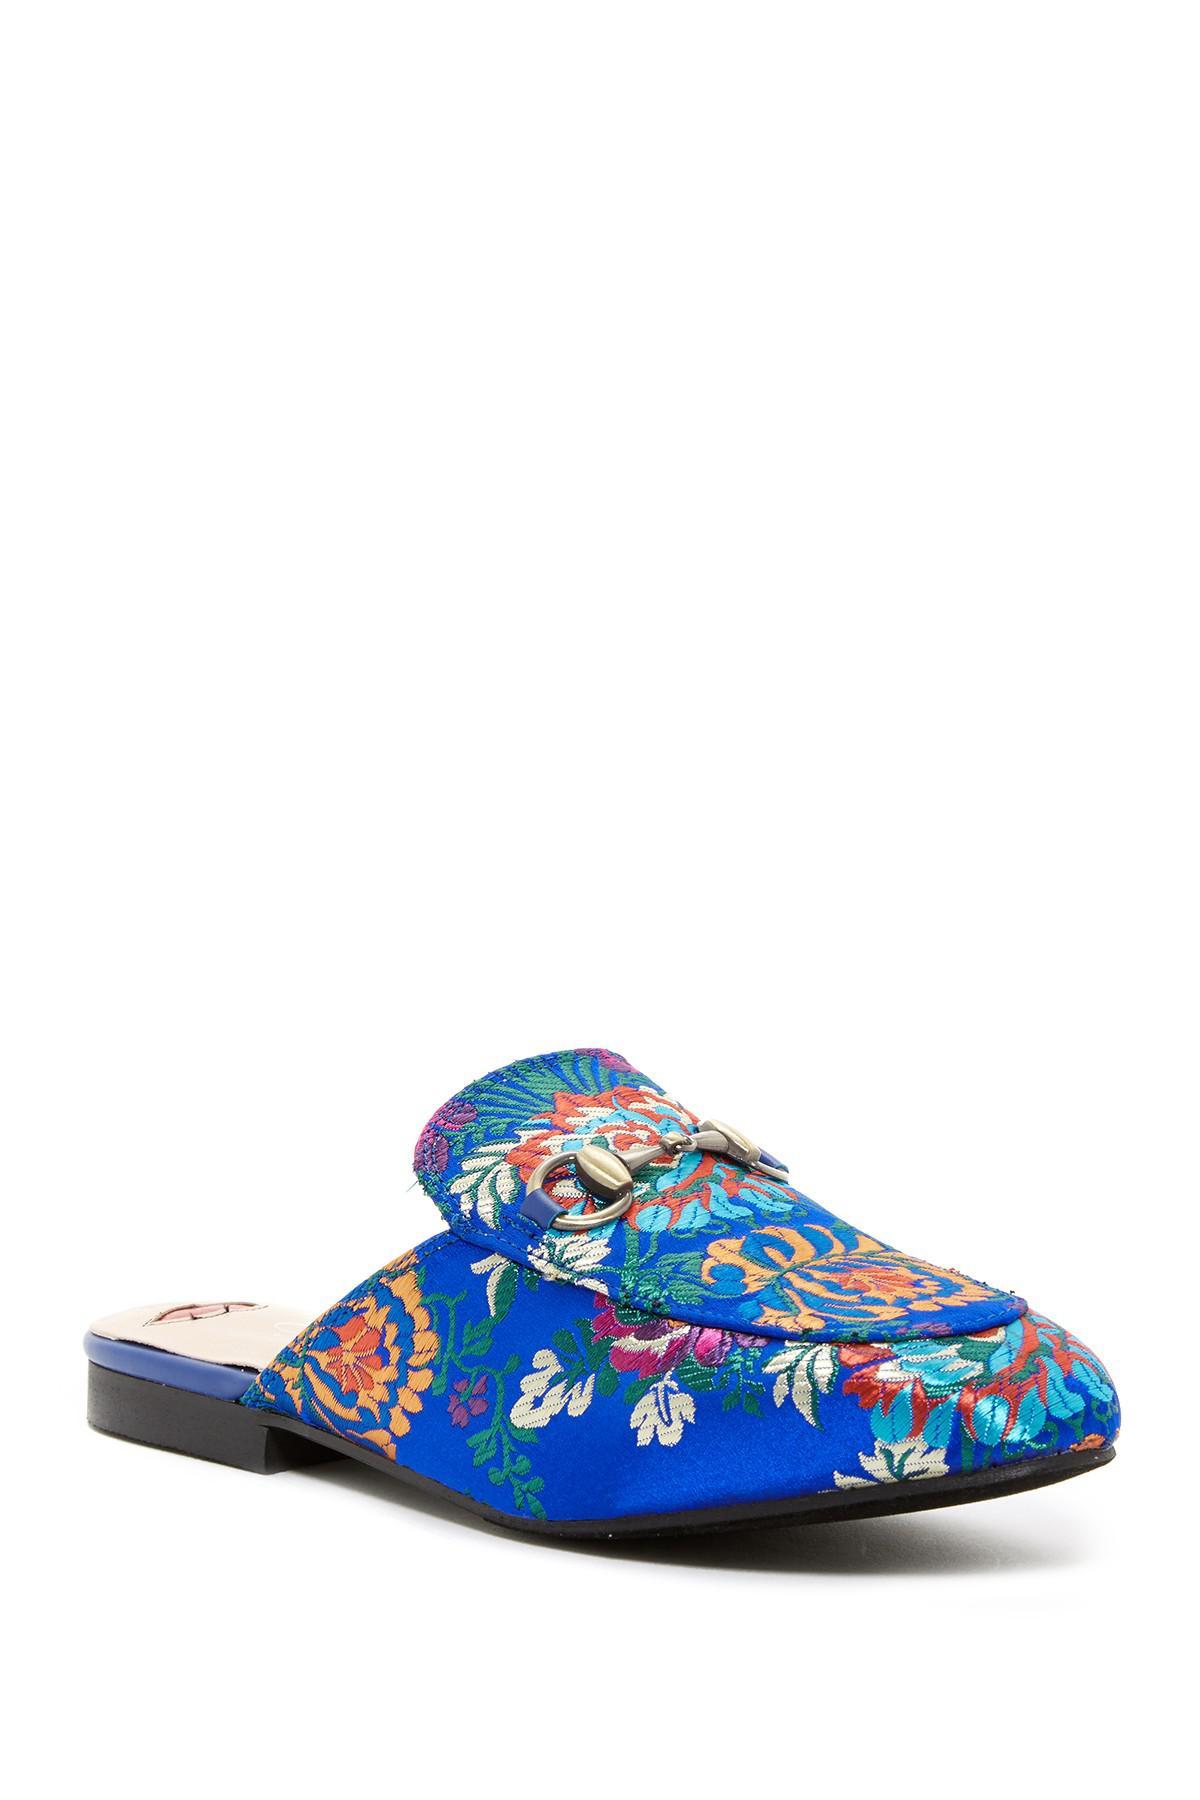 Elegant Footwear Issole Mule C2vfCkxy7K